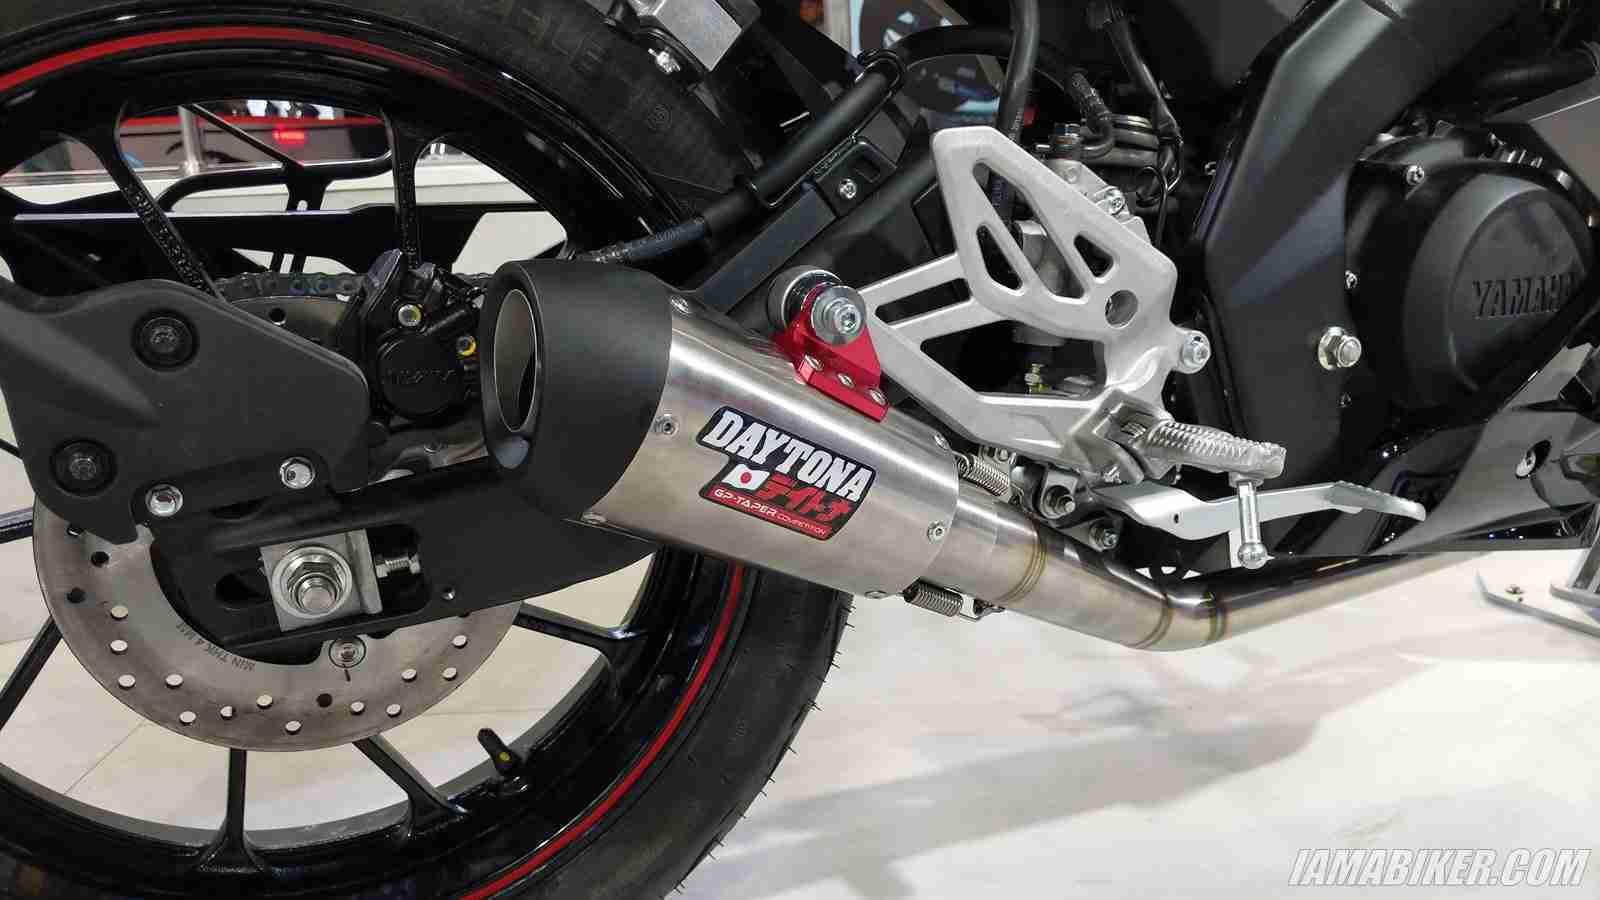 Yamaha R15 V3 daytona exhaust muffler silencer | IAMABIKER